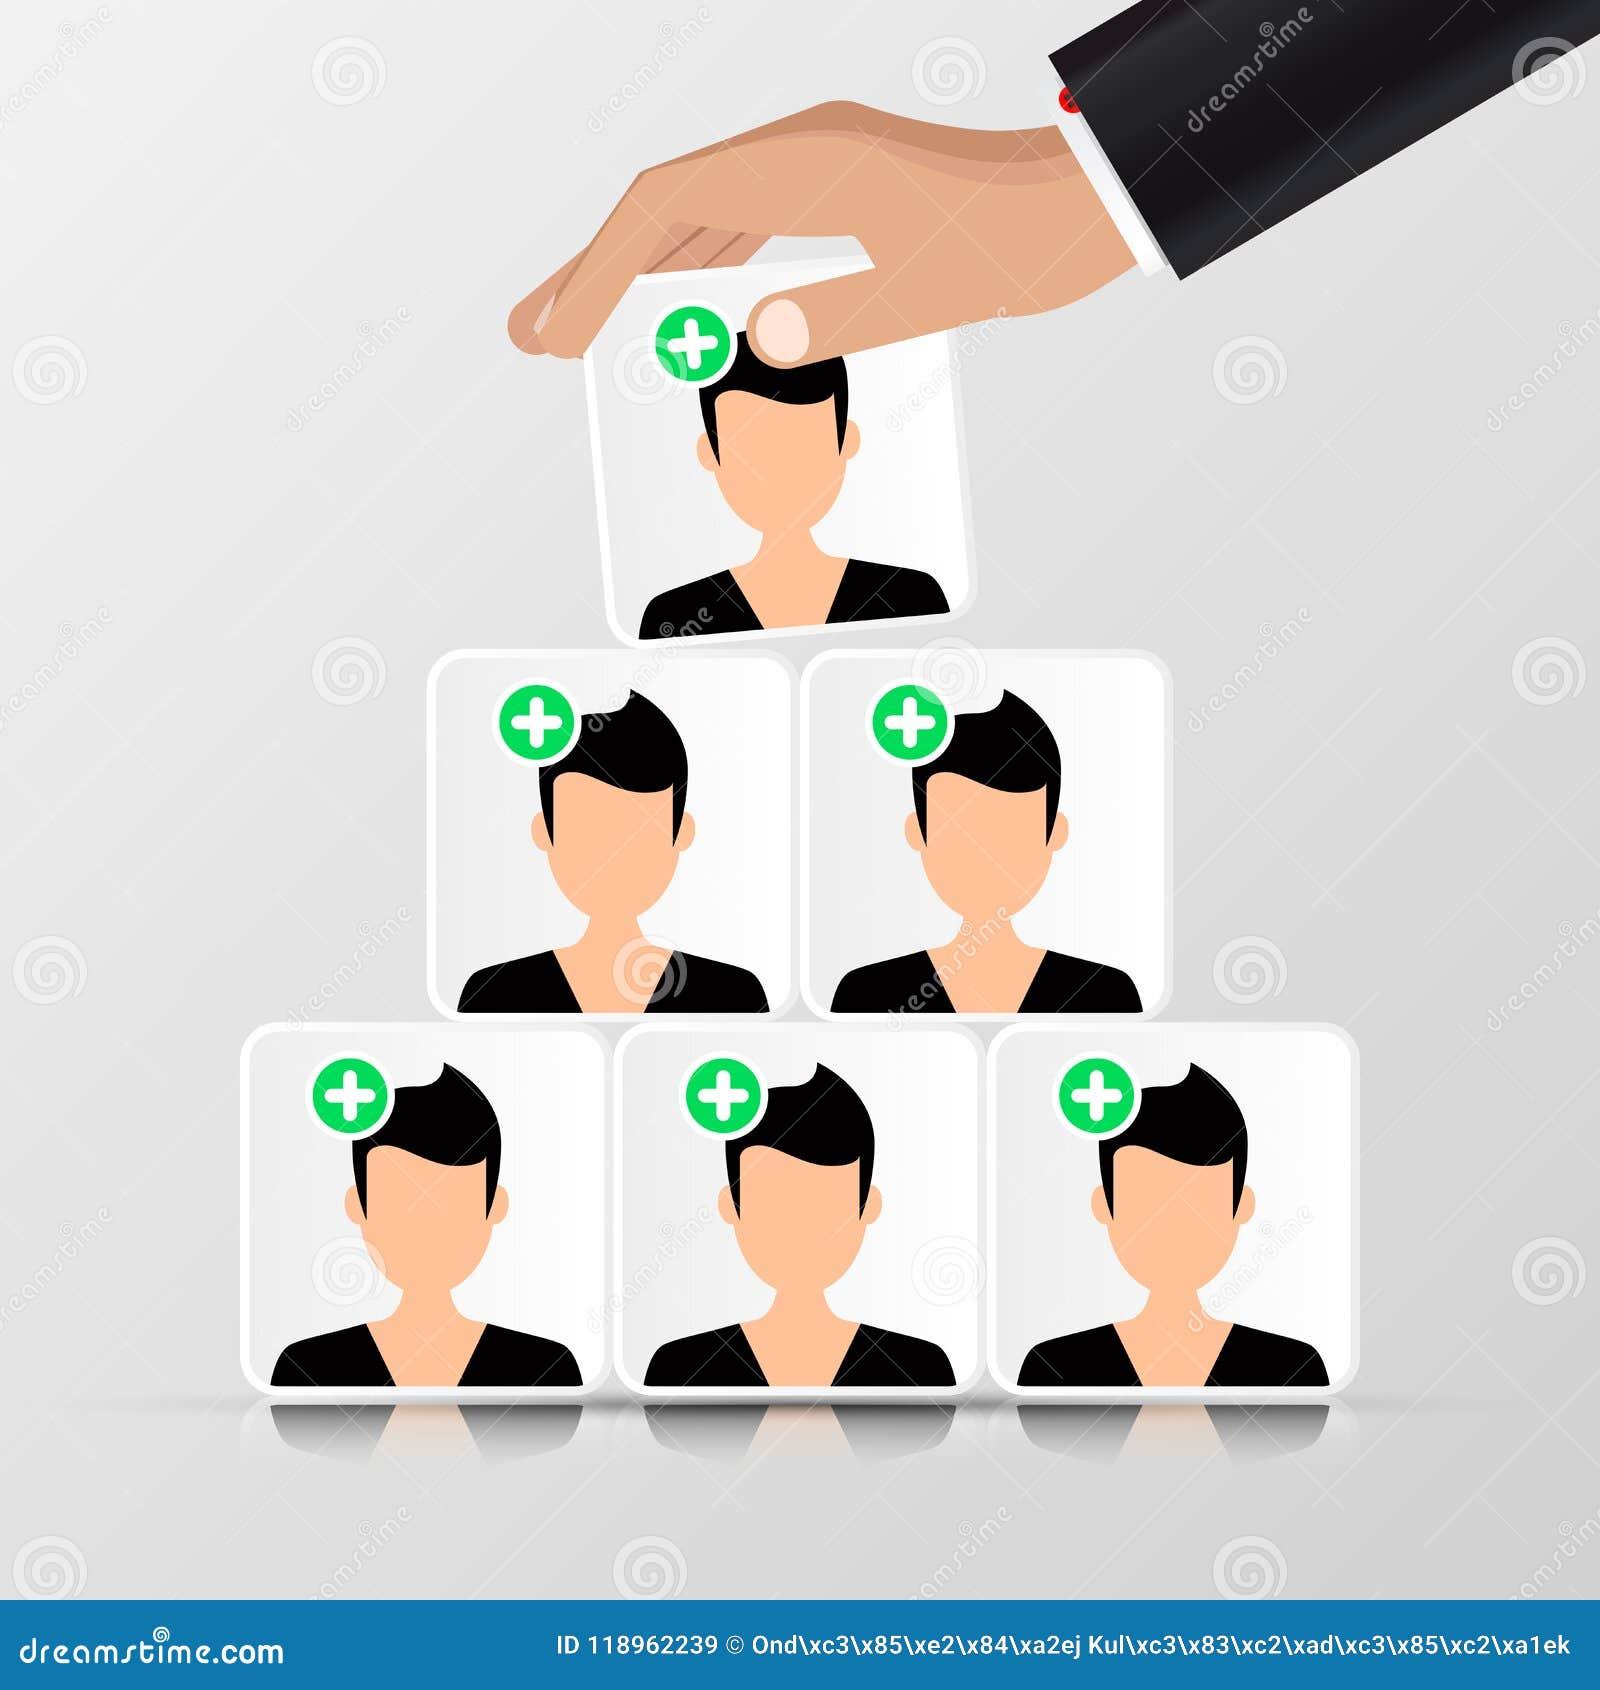 Gruppe von Personen Die goldene Taste oder Erreichen für den Himmel zum Eigenheimbesitze pyramide organisation